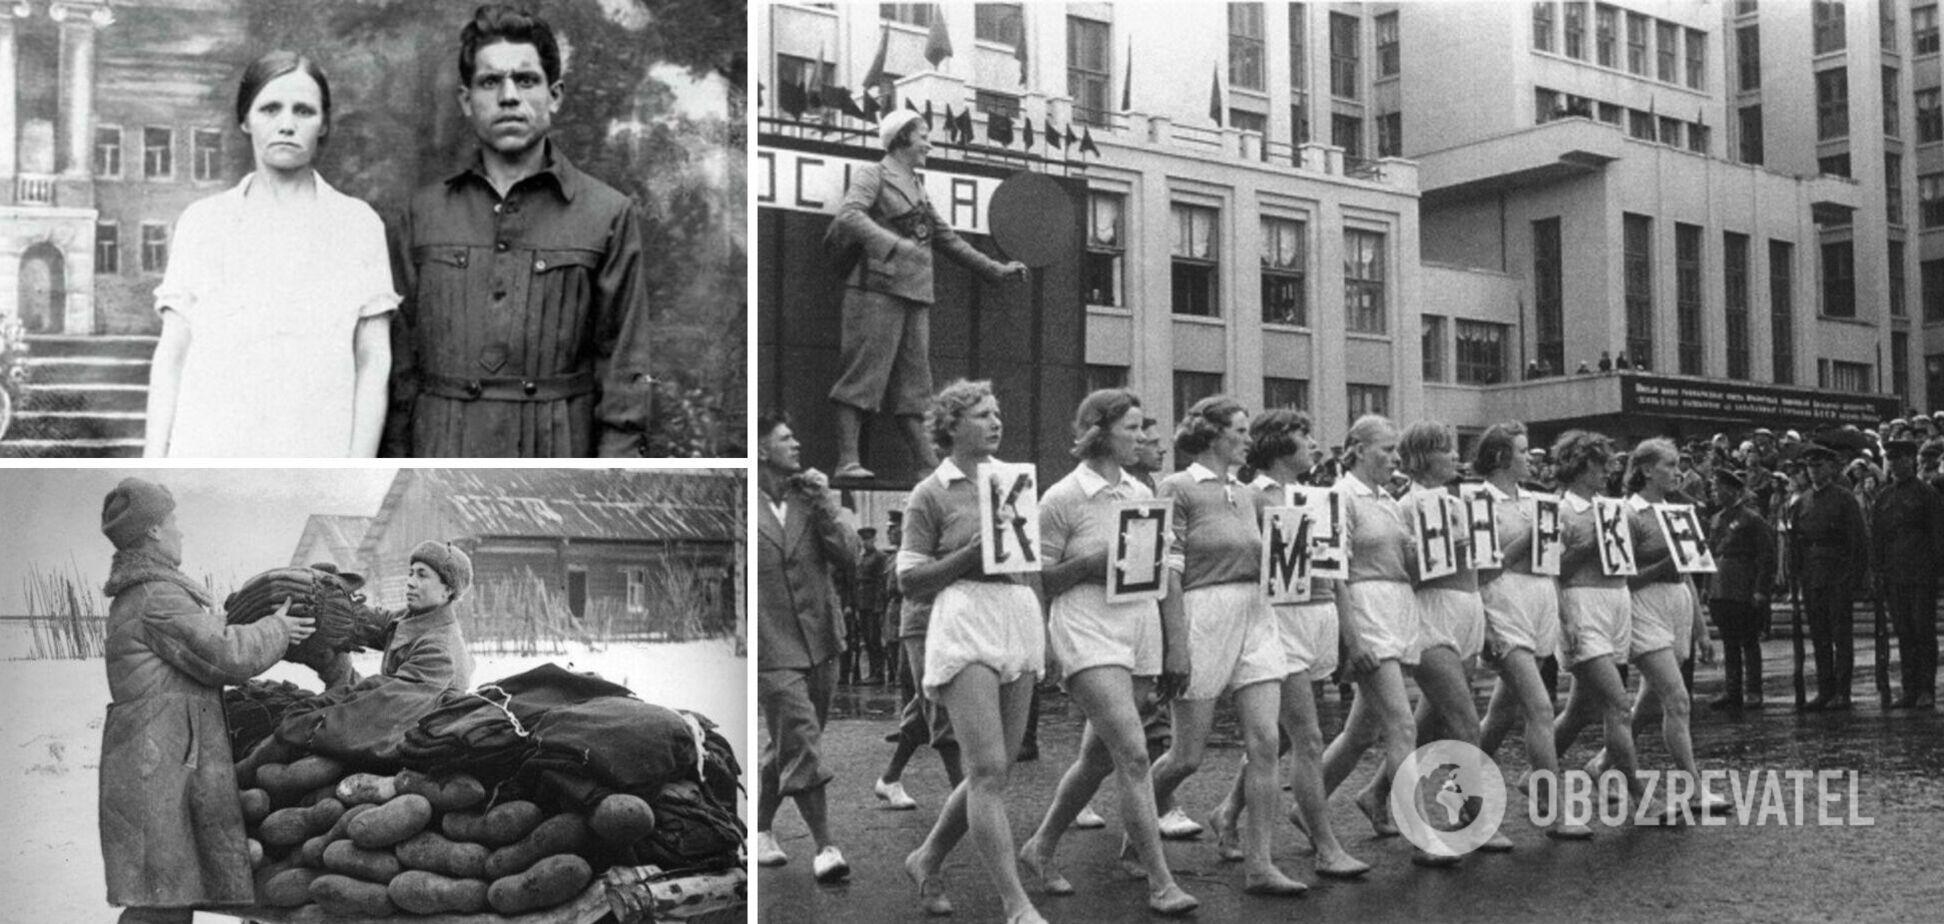 Жінки шили одяг самостійно, а чоловіки копіювали вбрання Вождя